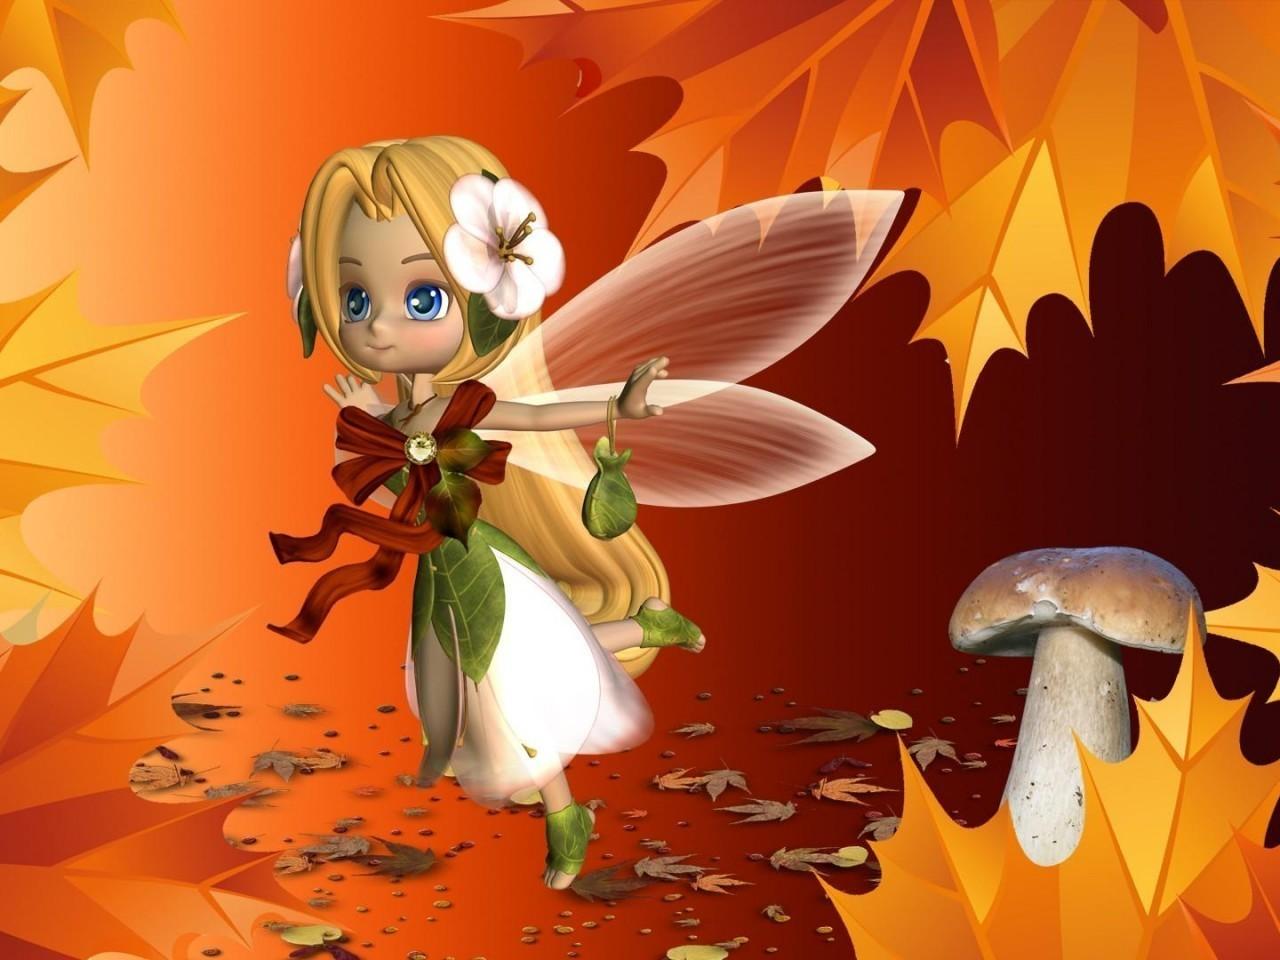 уход картинка фея в осеннем лесу перенёс операцию